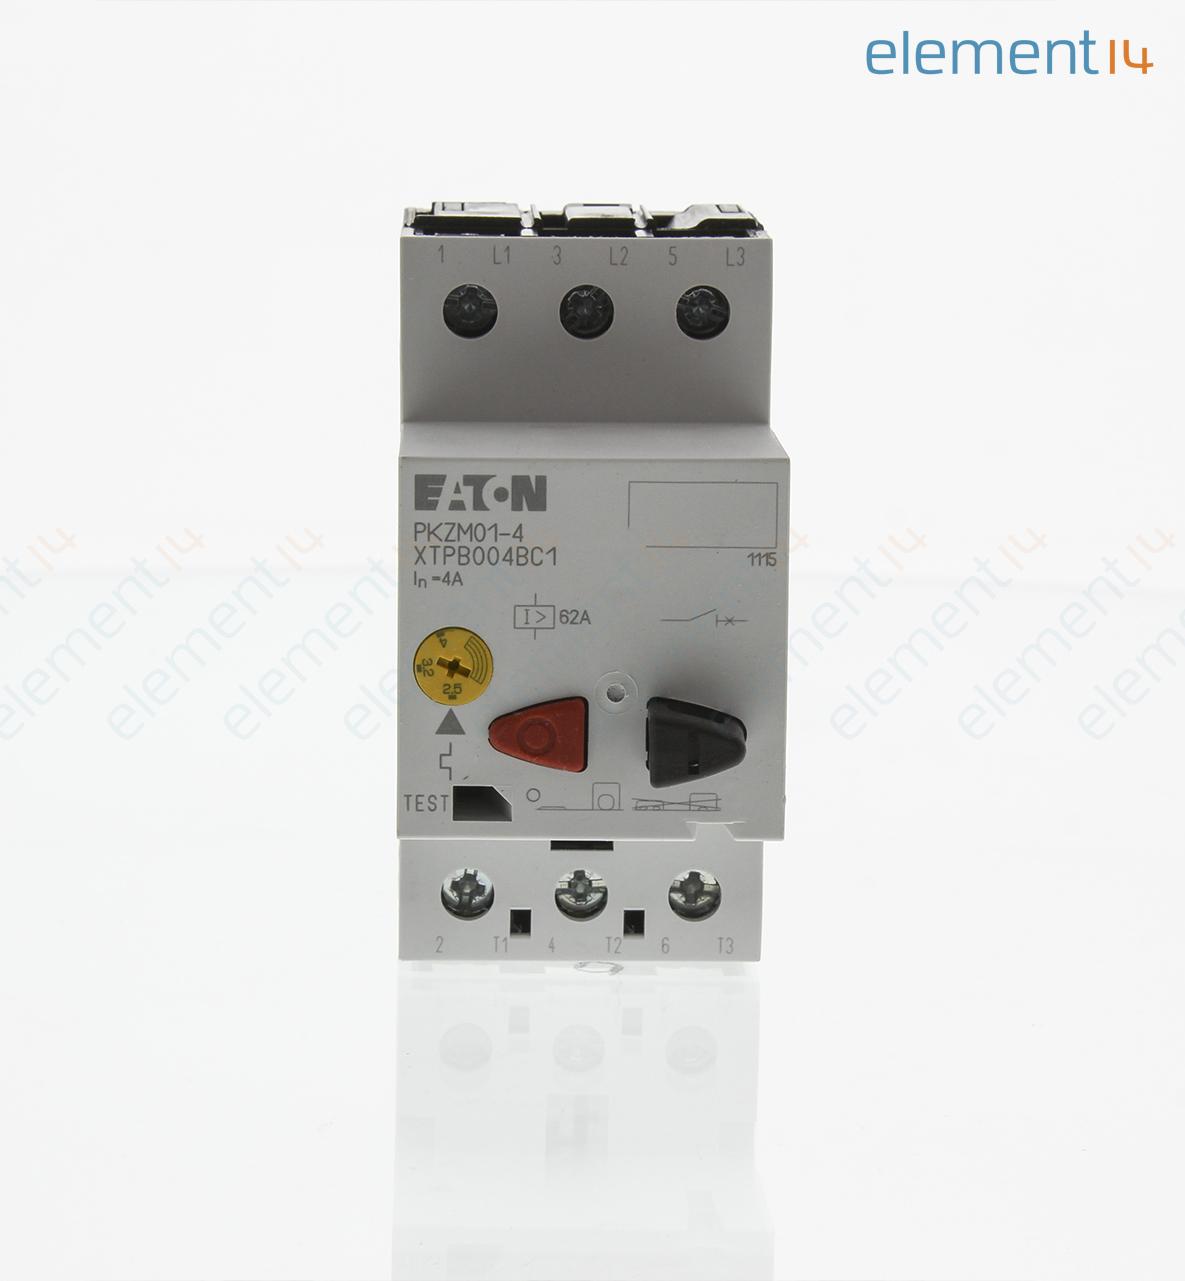 XTPB004BC1 - EATON CUTLER HAMMER - Motor Starter, XT Series, IEC